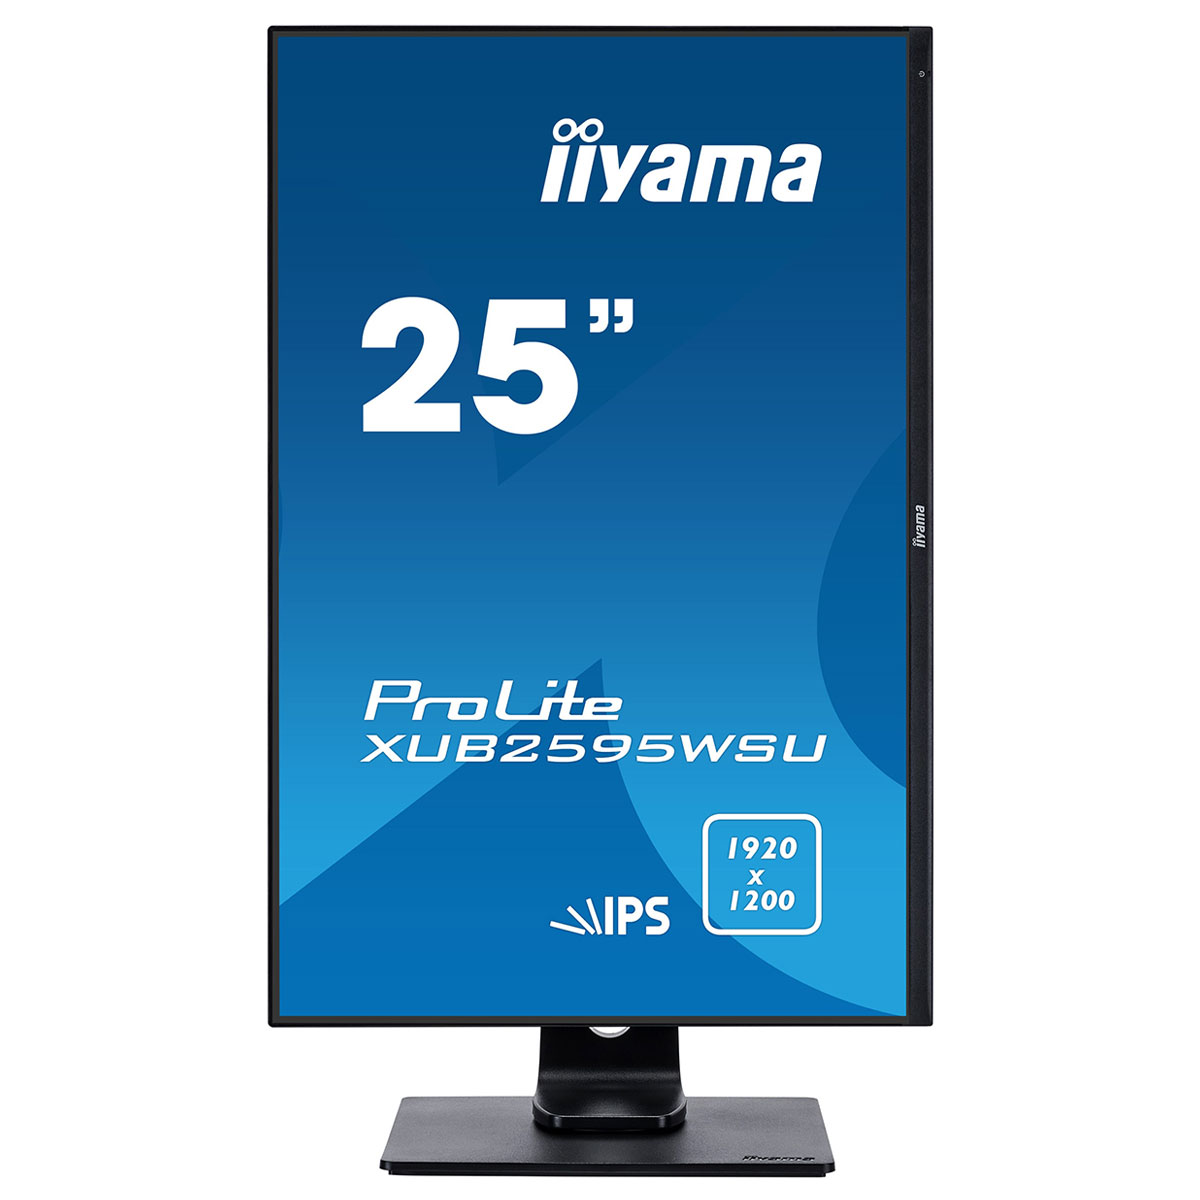 XUB2595WSU-B1 (XUB2595WSU-B1) - Achat / Vente Ecran PC sur Picata.fr - 4